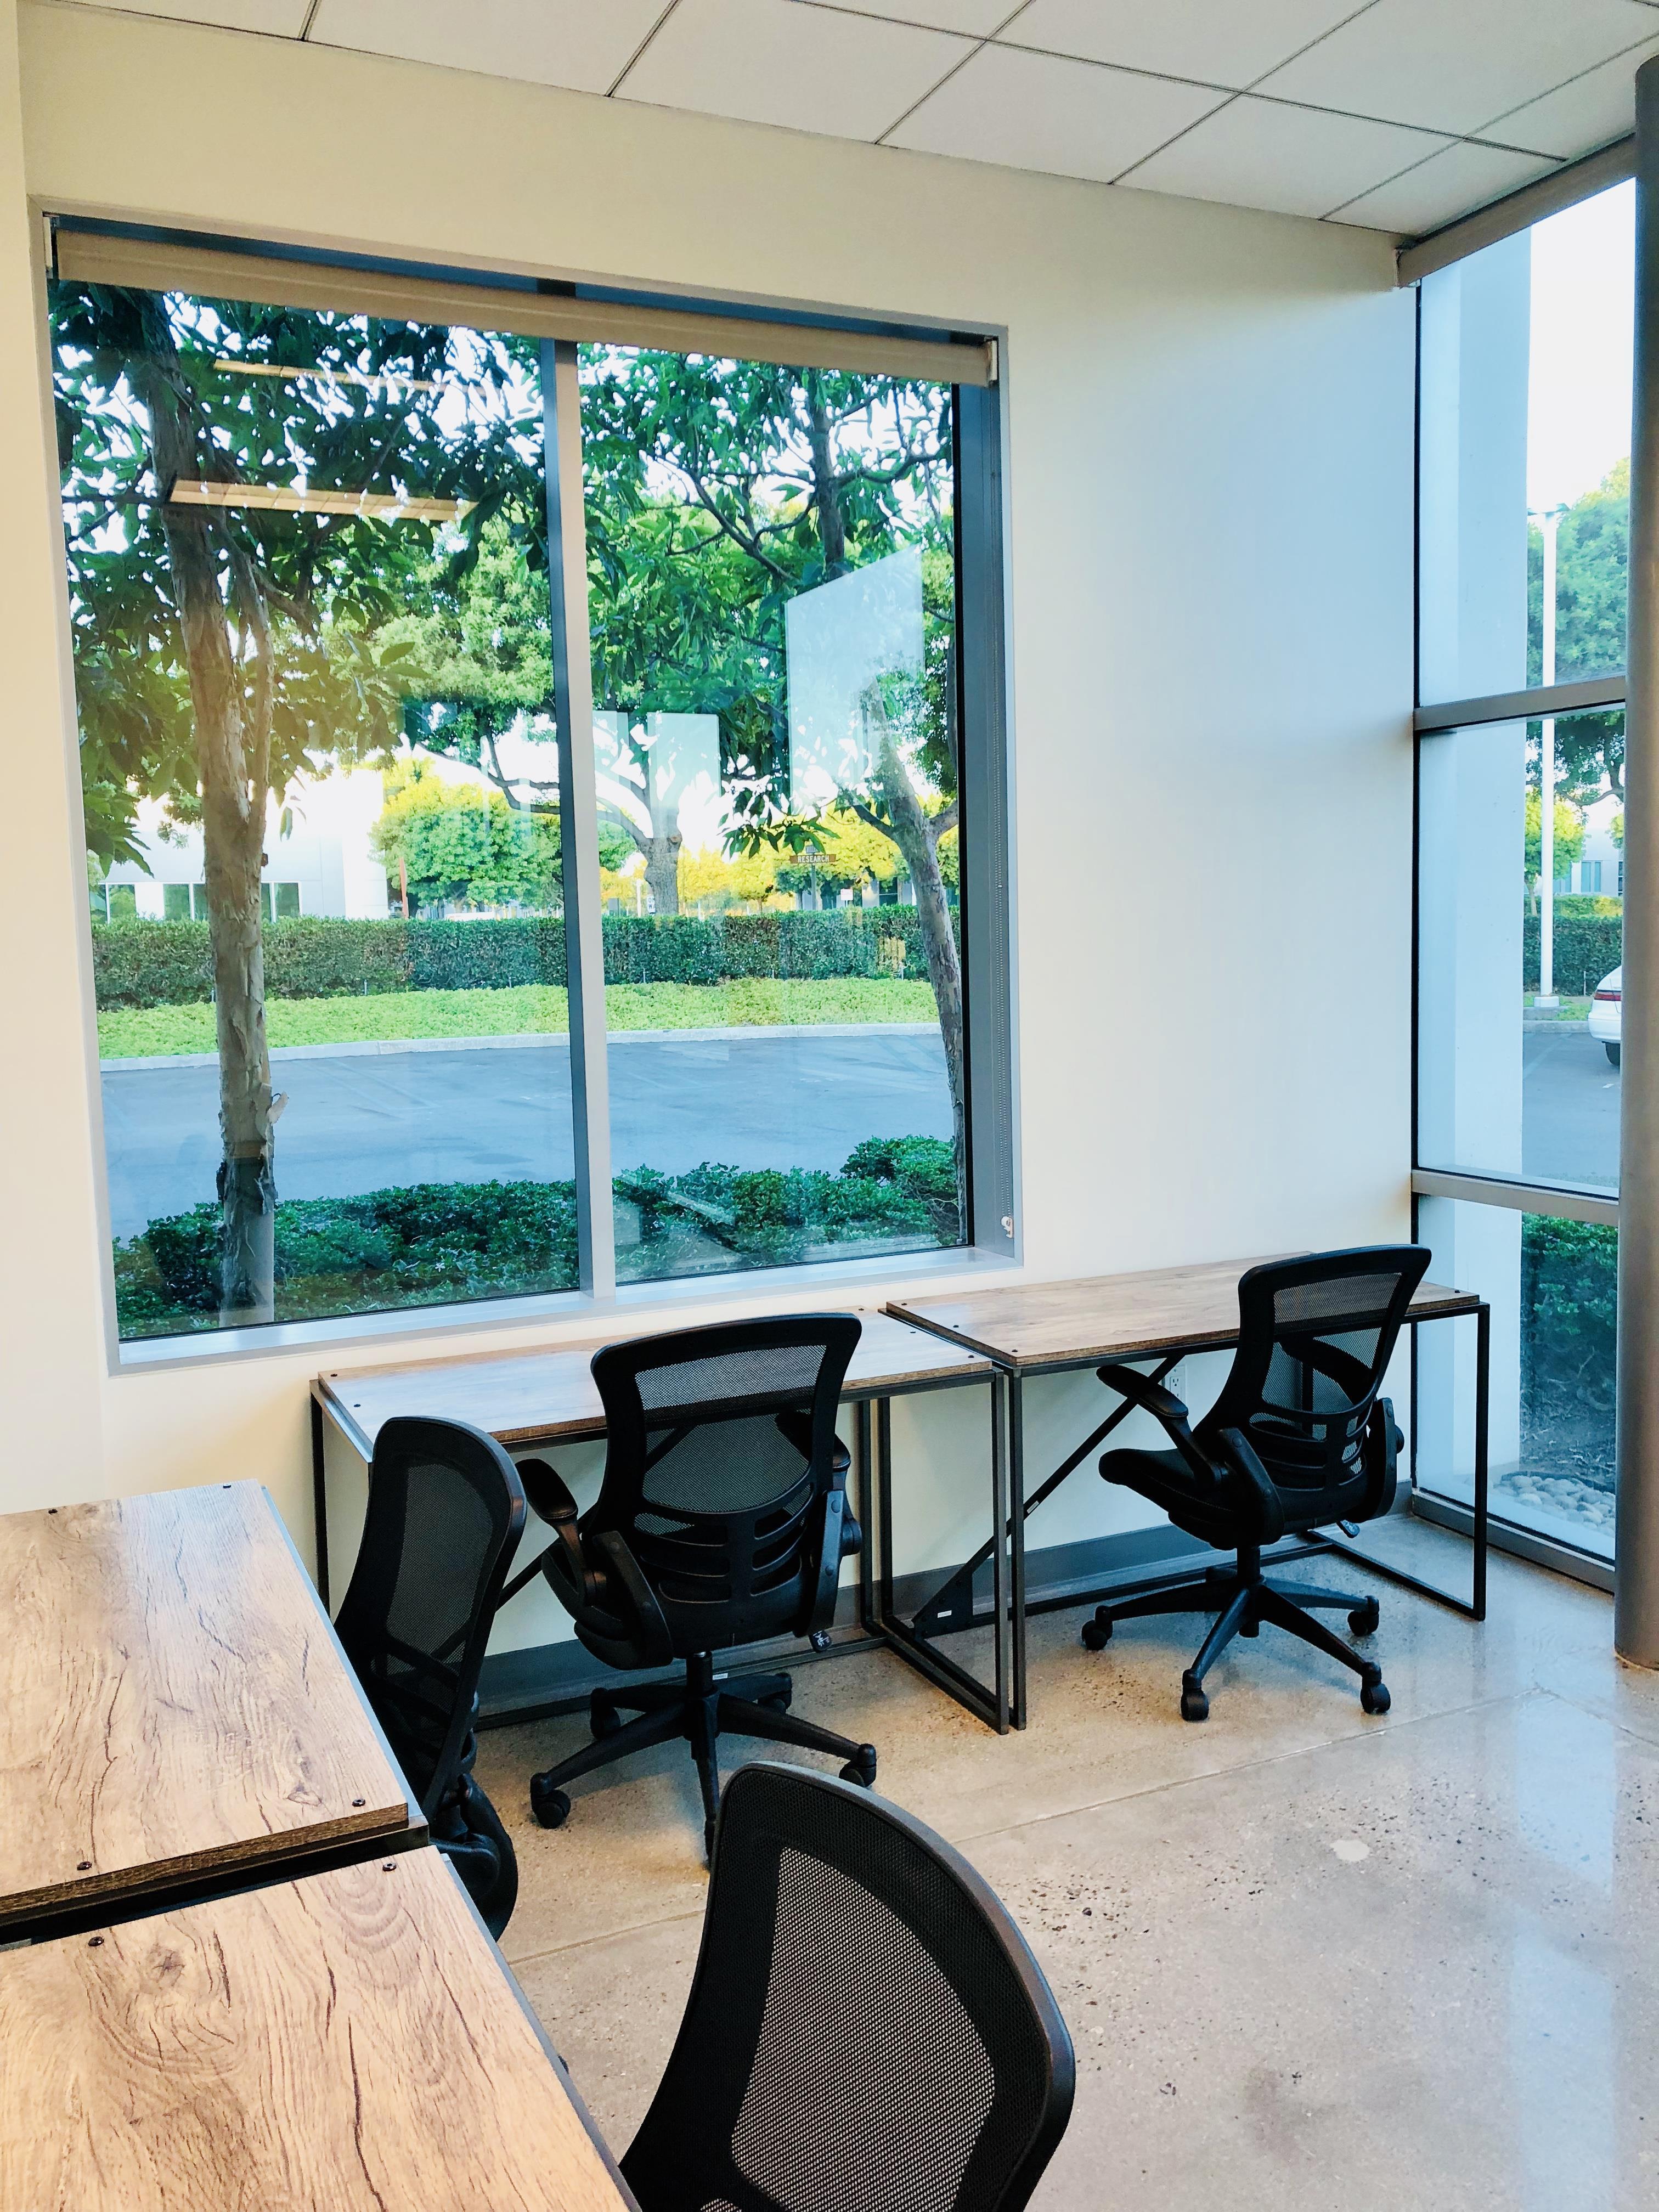 Intela-Hub - Intela Hub Private Office 2